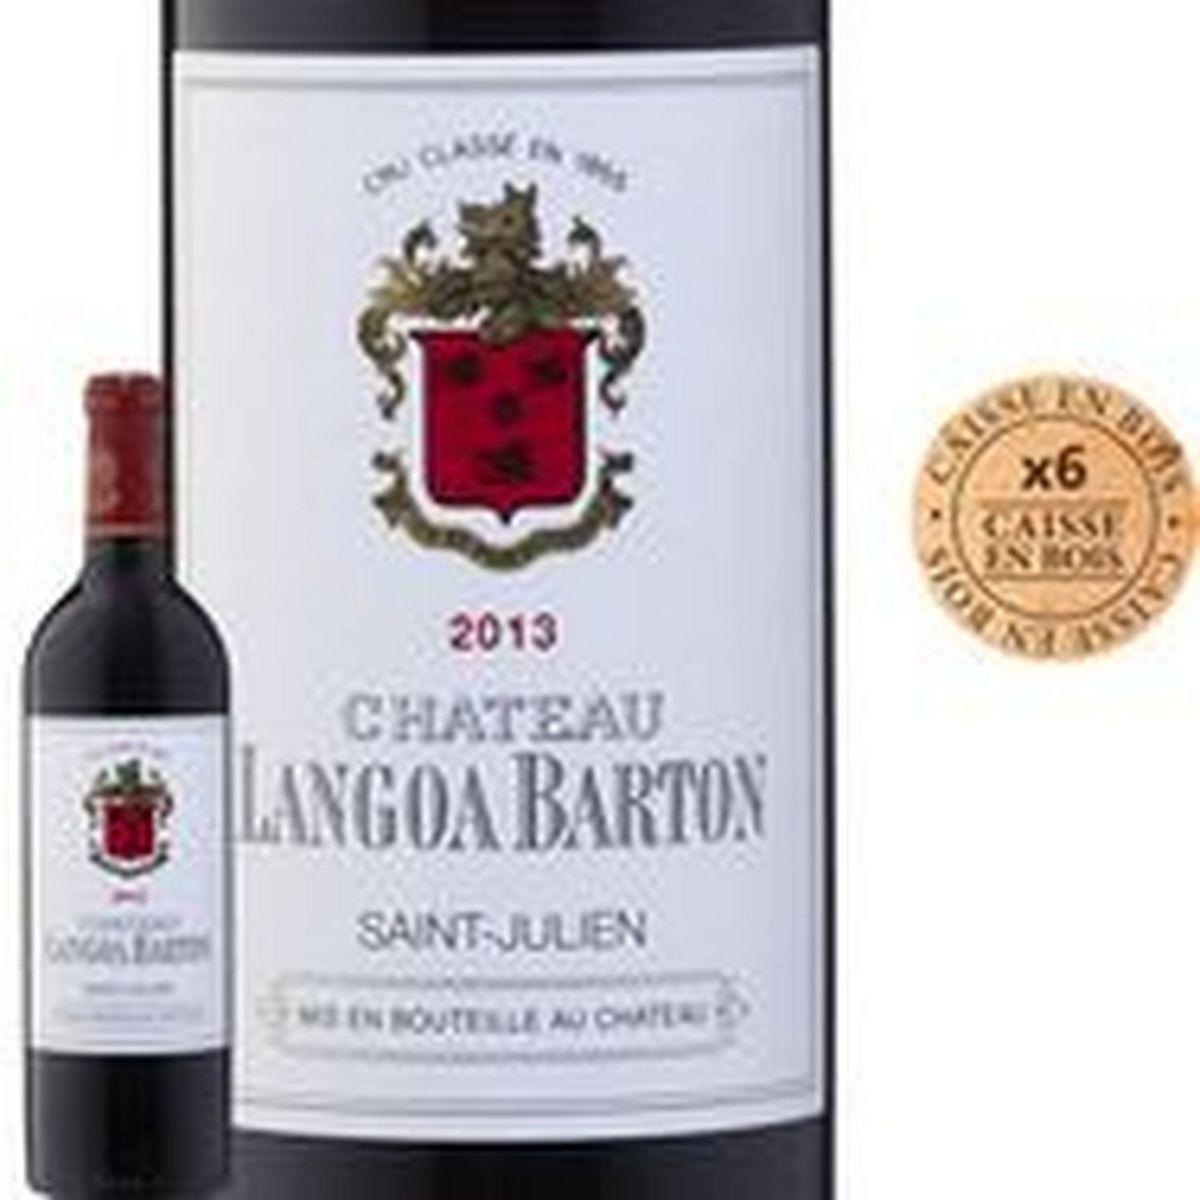 AOP Saint Julien Château Langoa Barton 3ème Grand Cru Classé rouge 2013